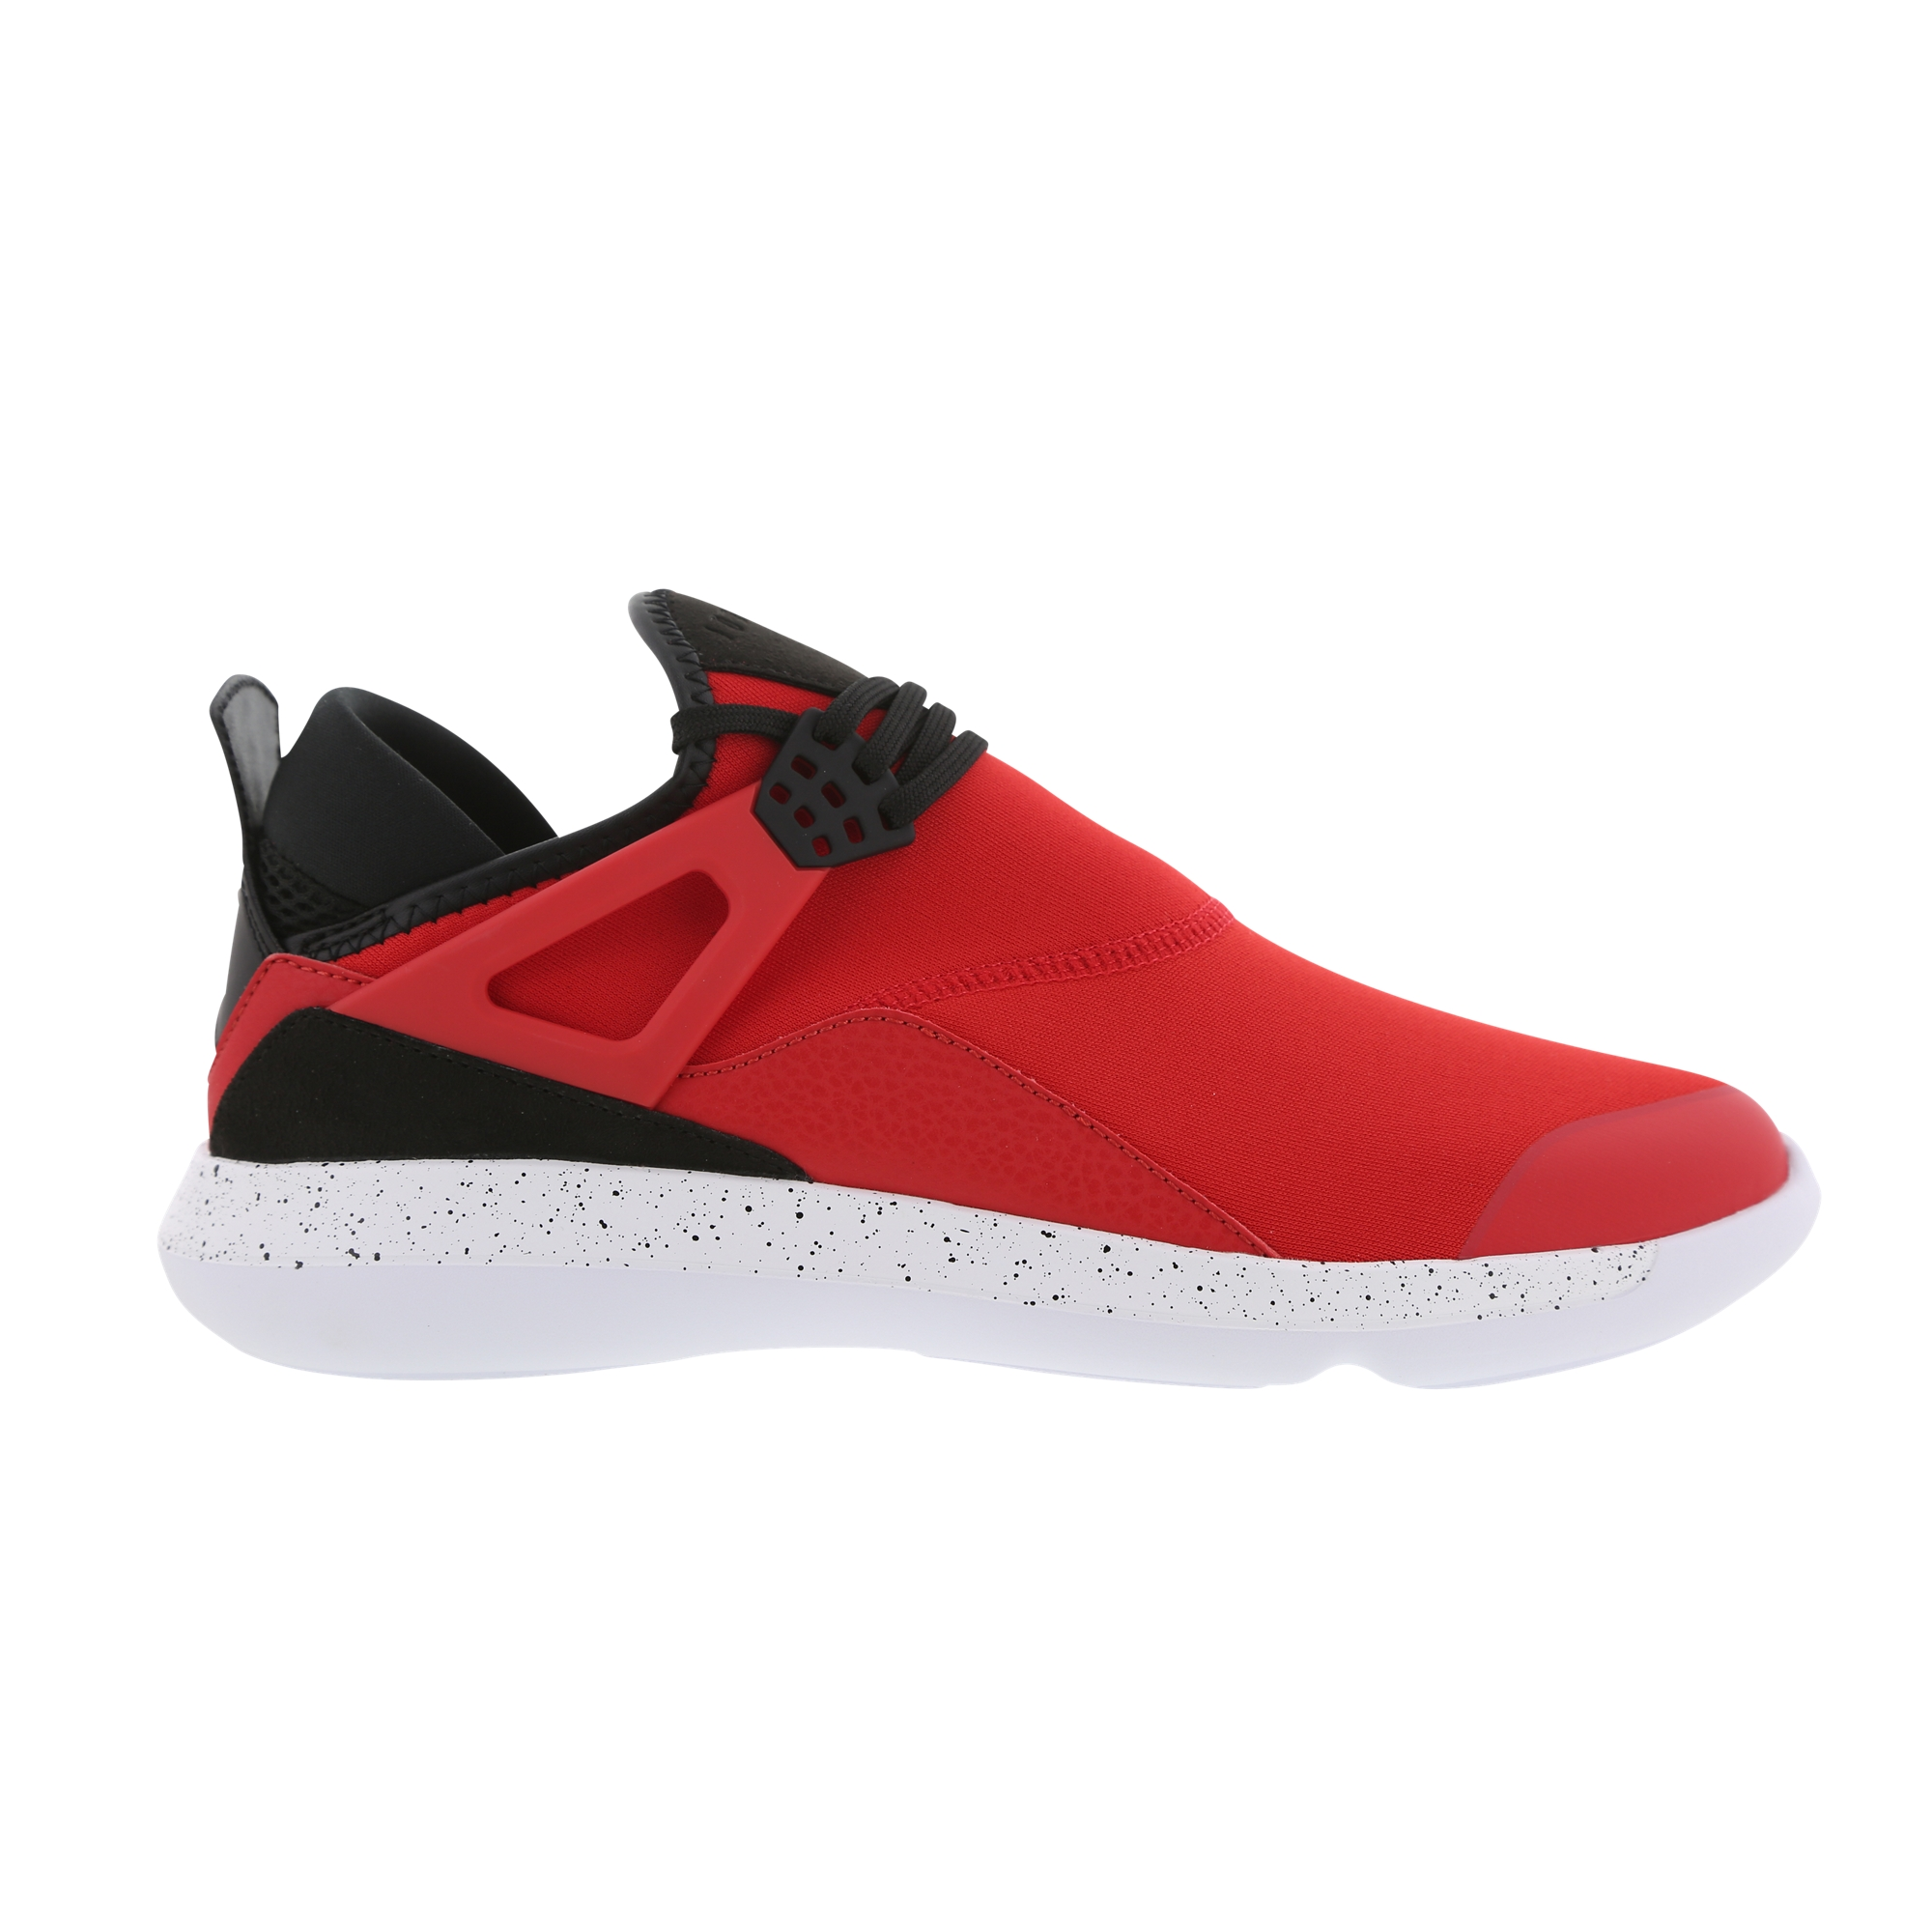 Nike Shoes Lunarlon Price